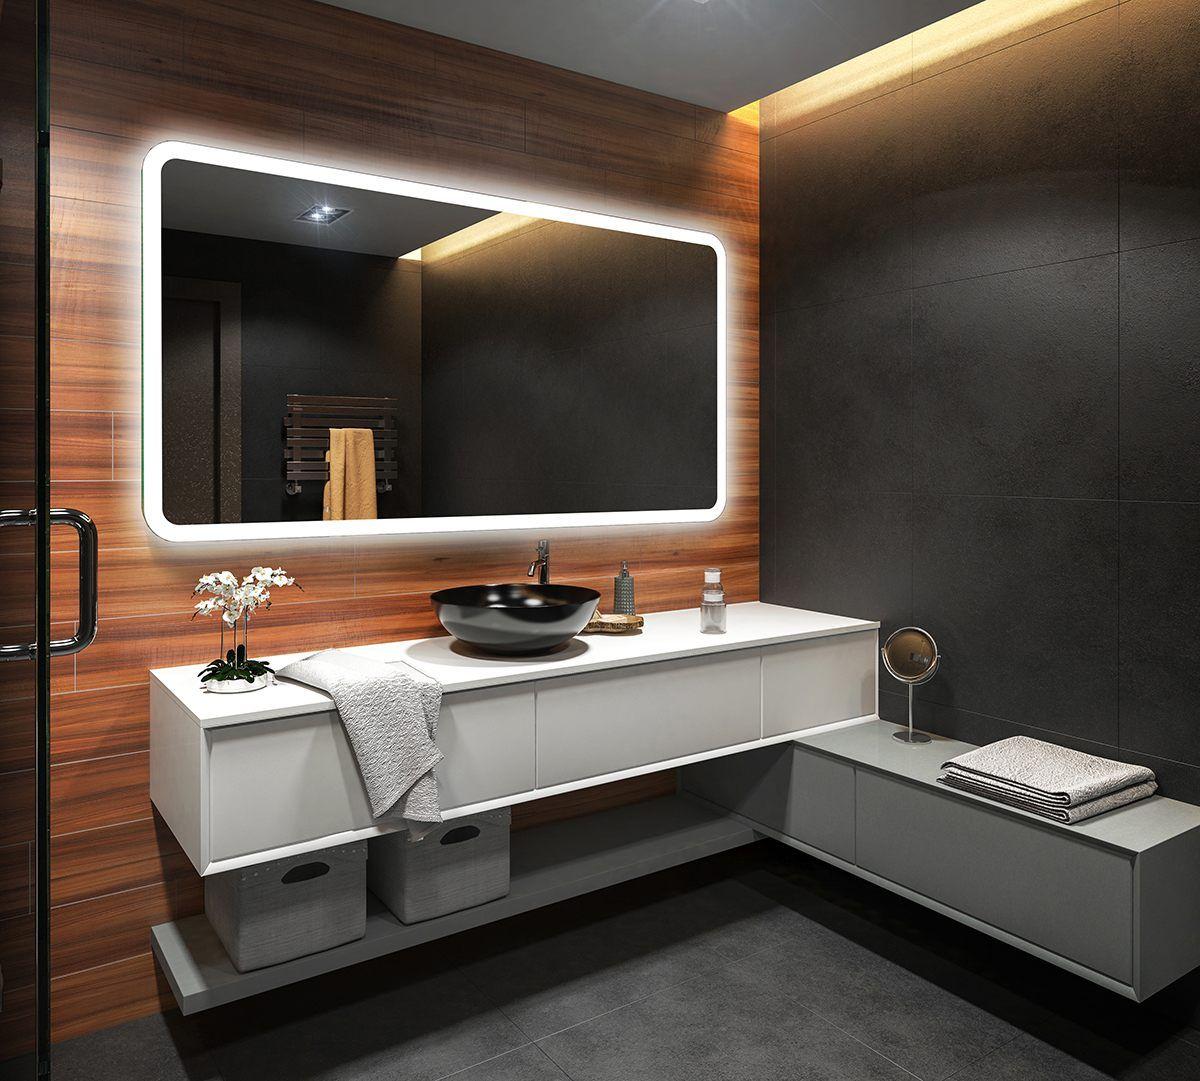 8 Badspiegel Mit Led Beleuchtung Wandspiegel Spiegel